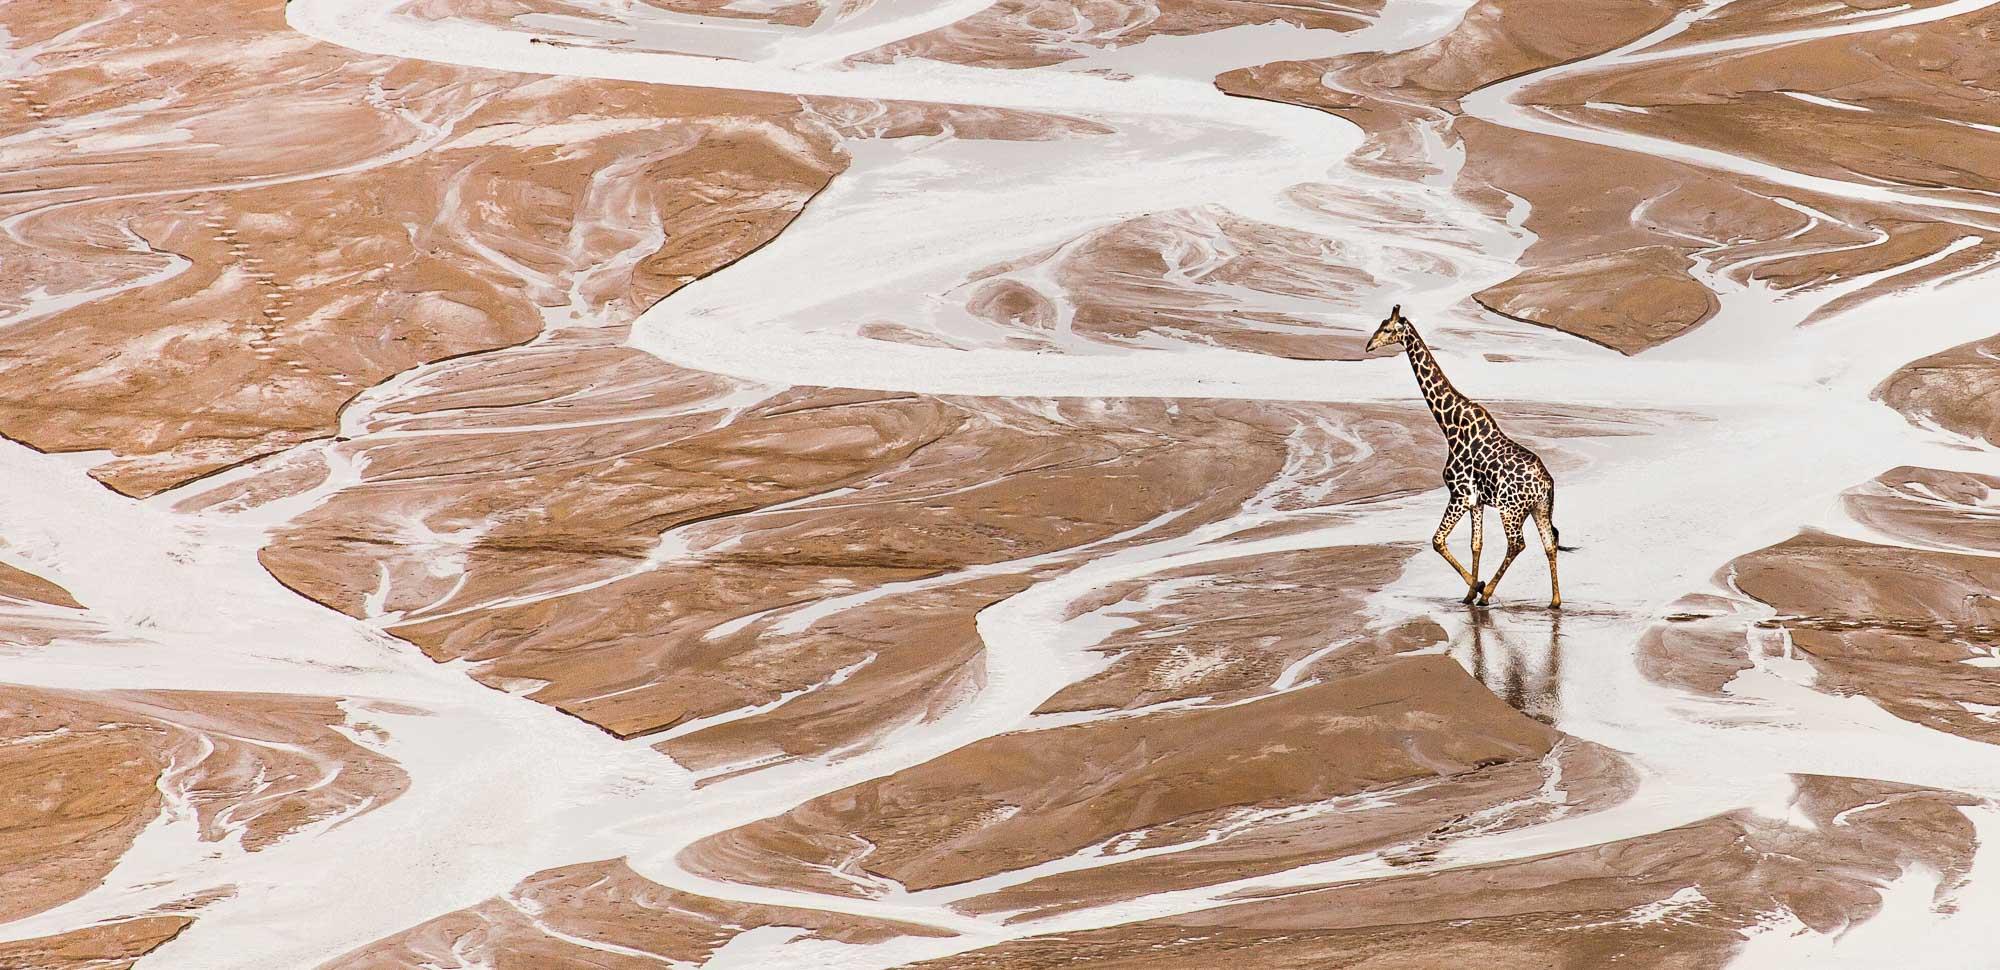 Hluhluwe-Imfolozi Game Reserve - KwaZulu Natal - South Africa